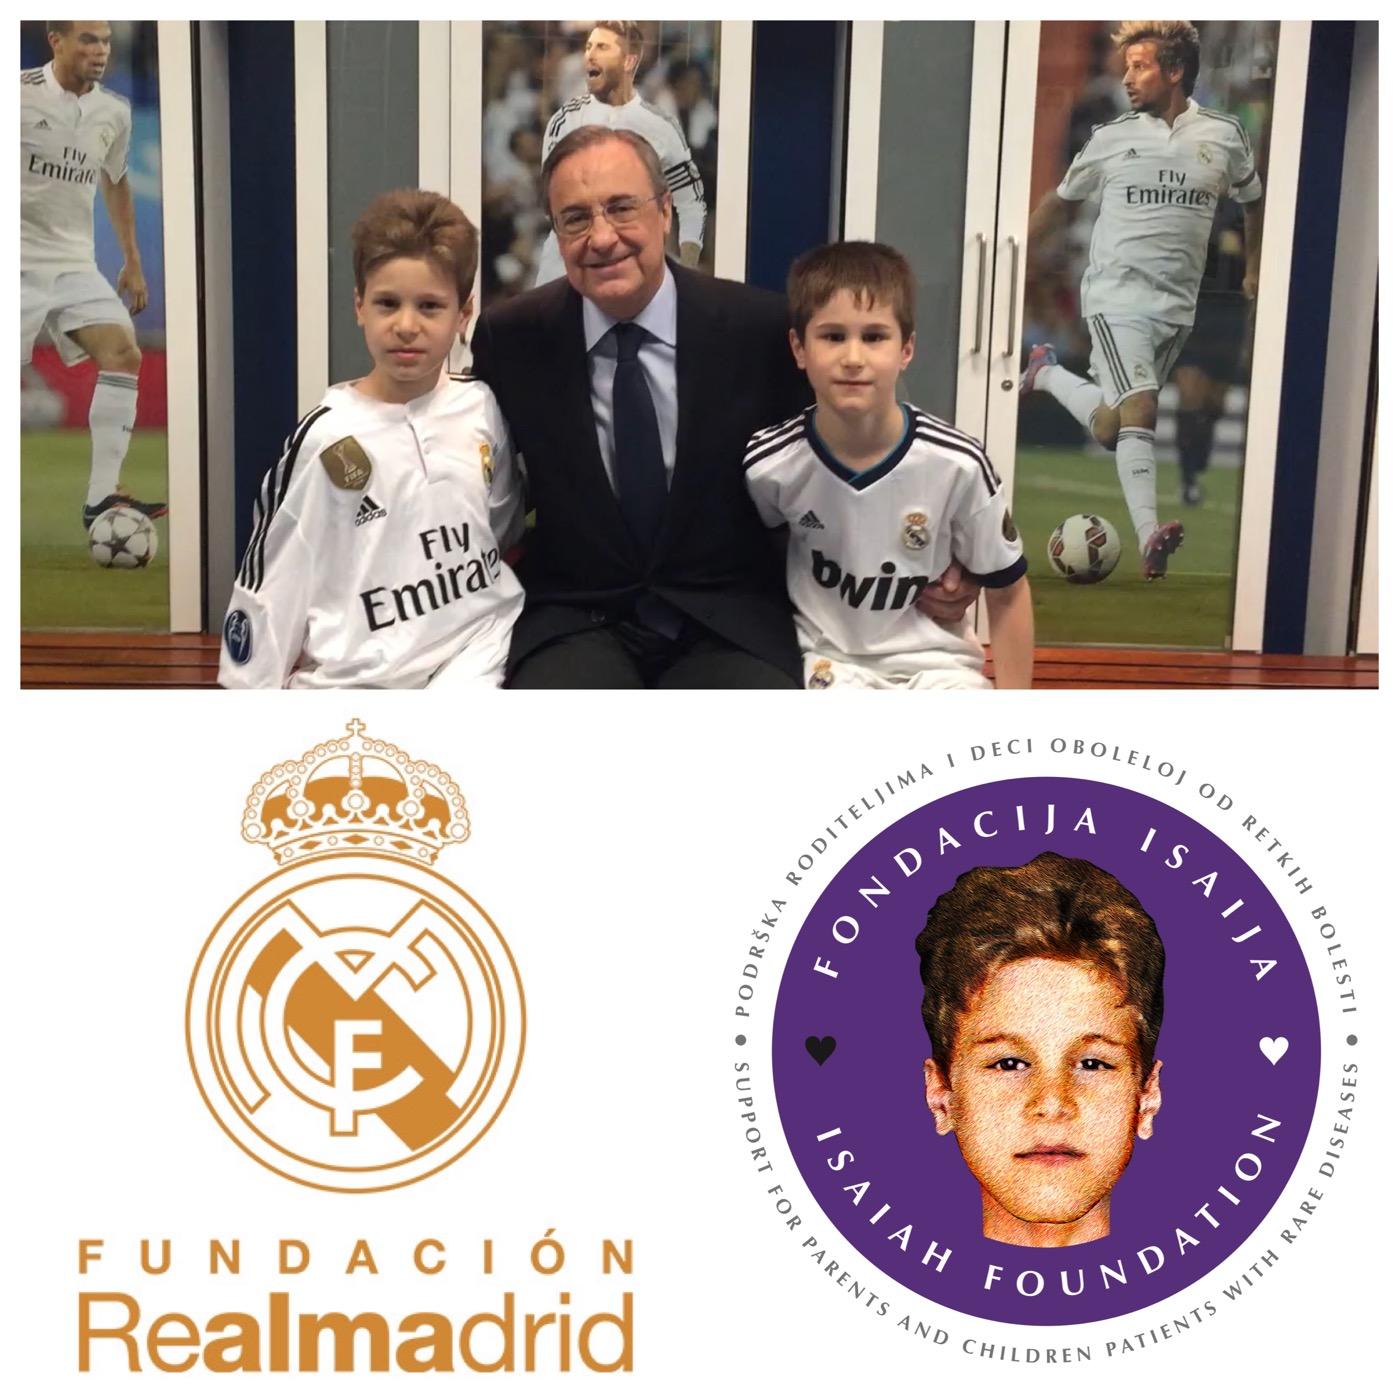 Fondacija Real Madrid je novi partner Fondacije Isaija!